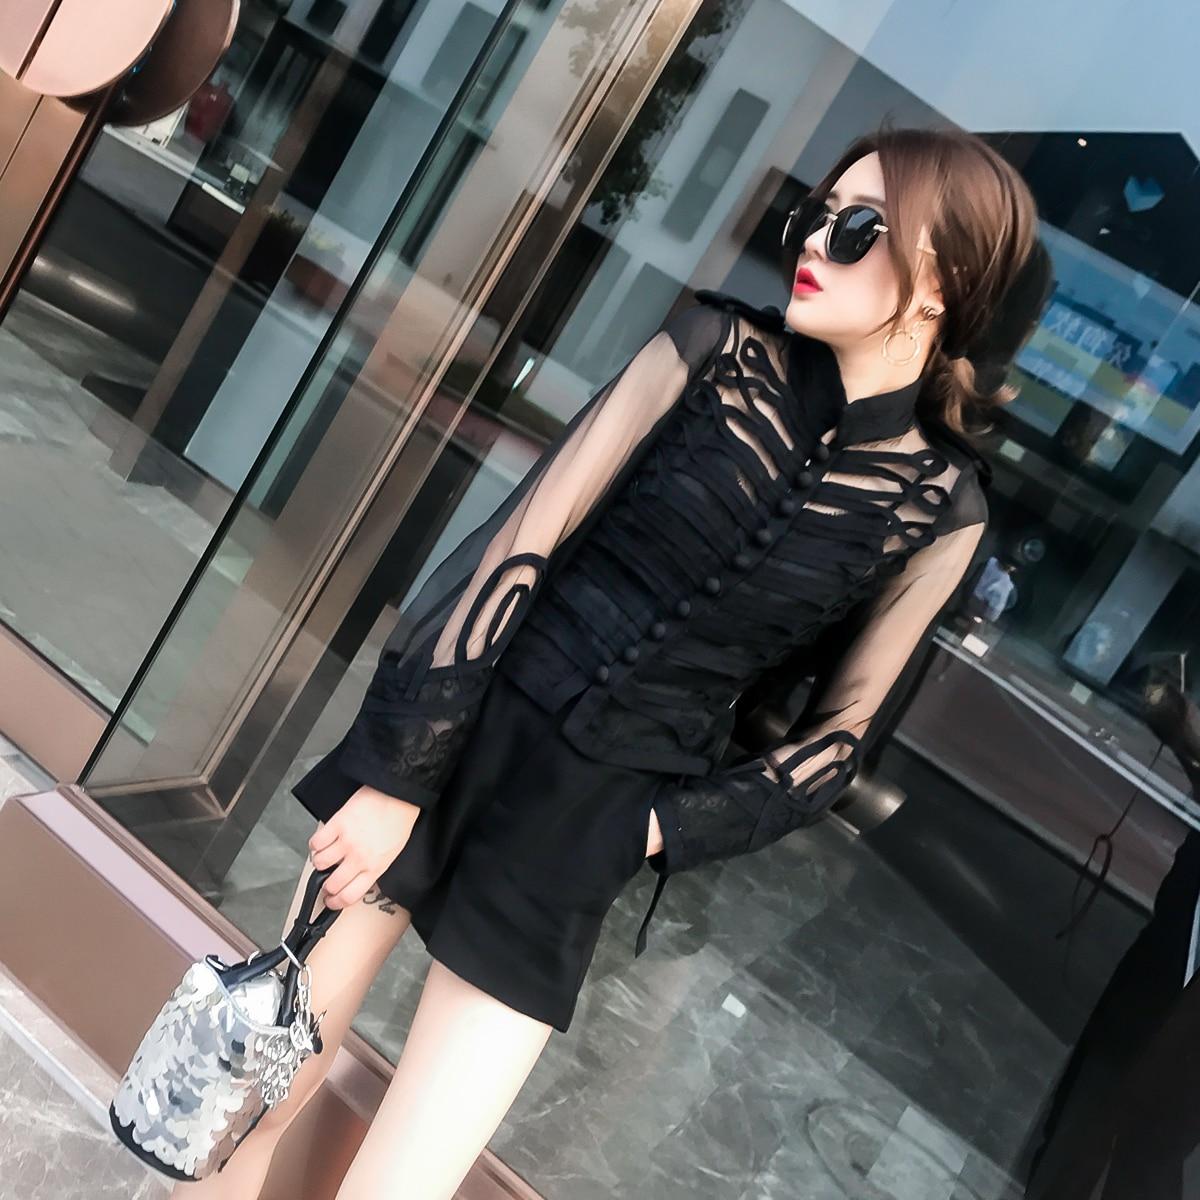 Manteau Yuxinfeng Femmes Bouton De Maille Noir Vestes Base Blanc blanc Manteaux Mode Femelle Noir Transparent Manches Printemps Veste D'été ZukXTOiP